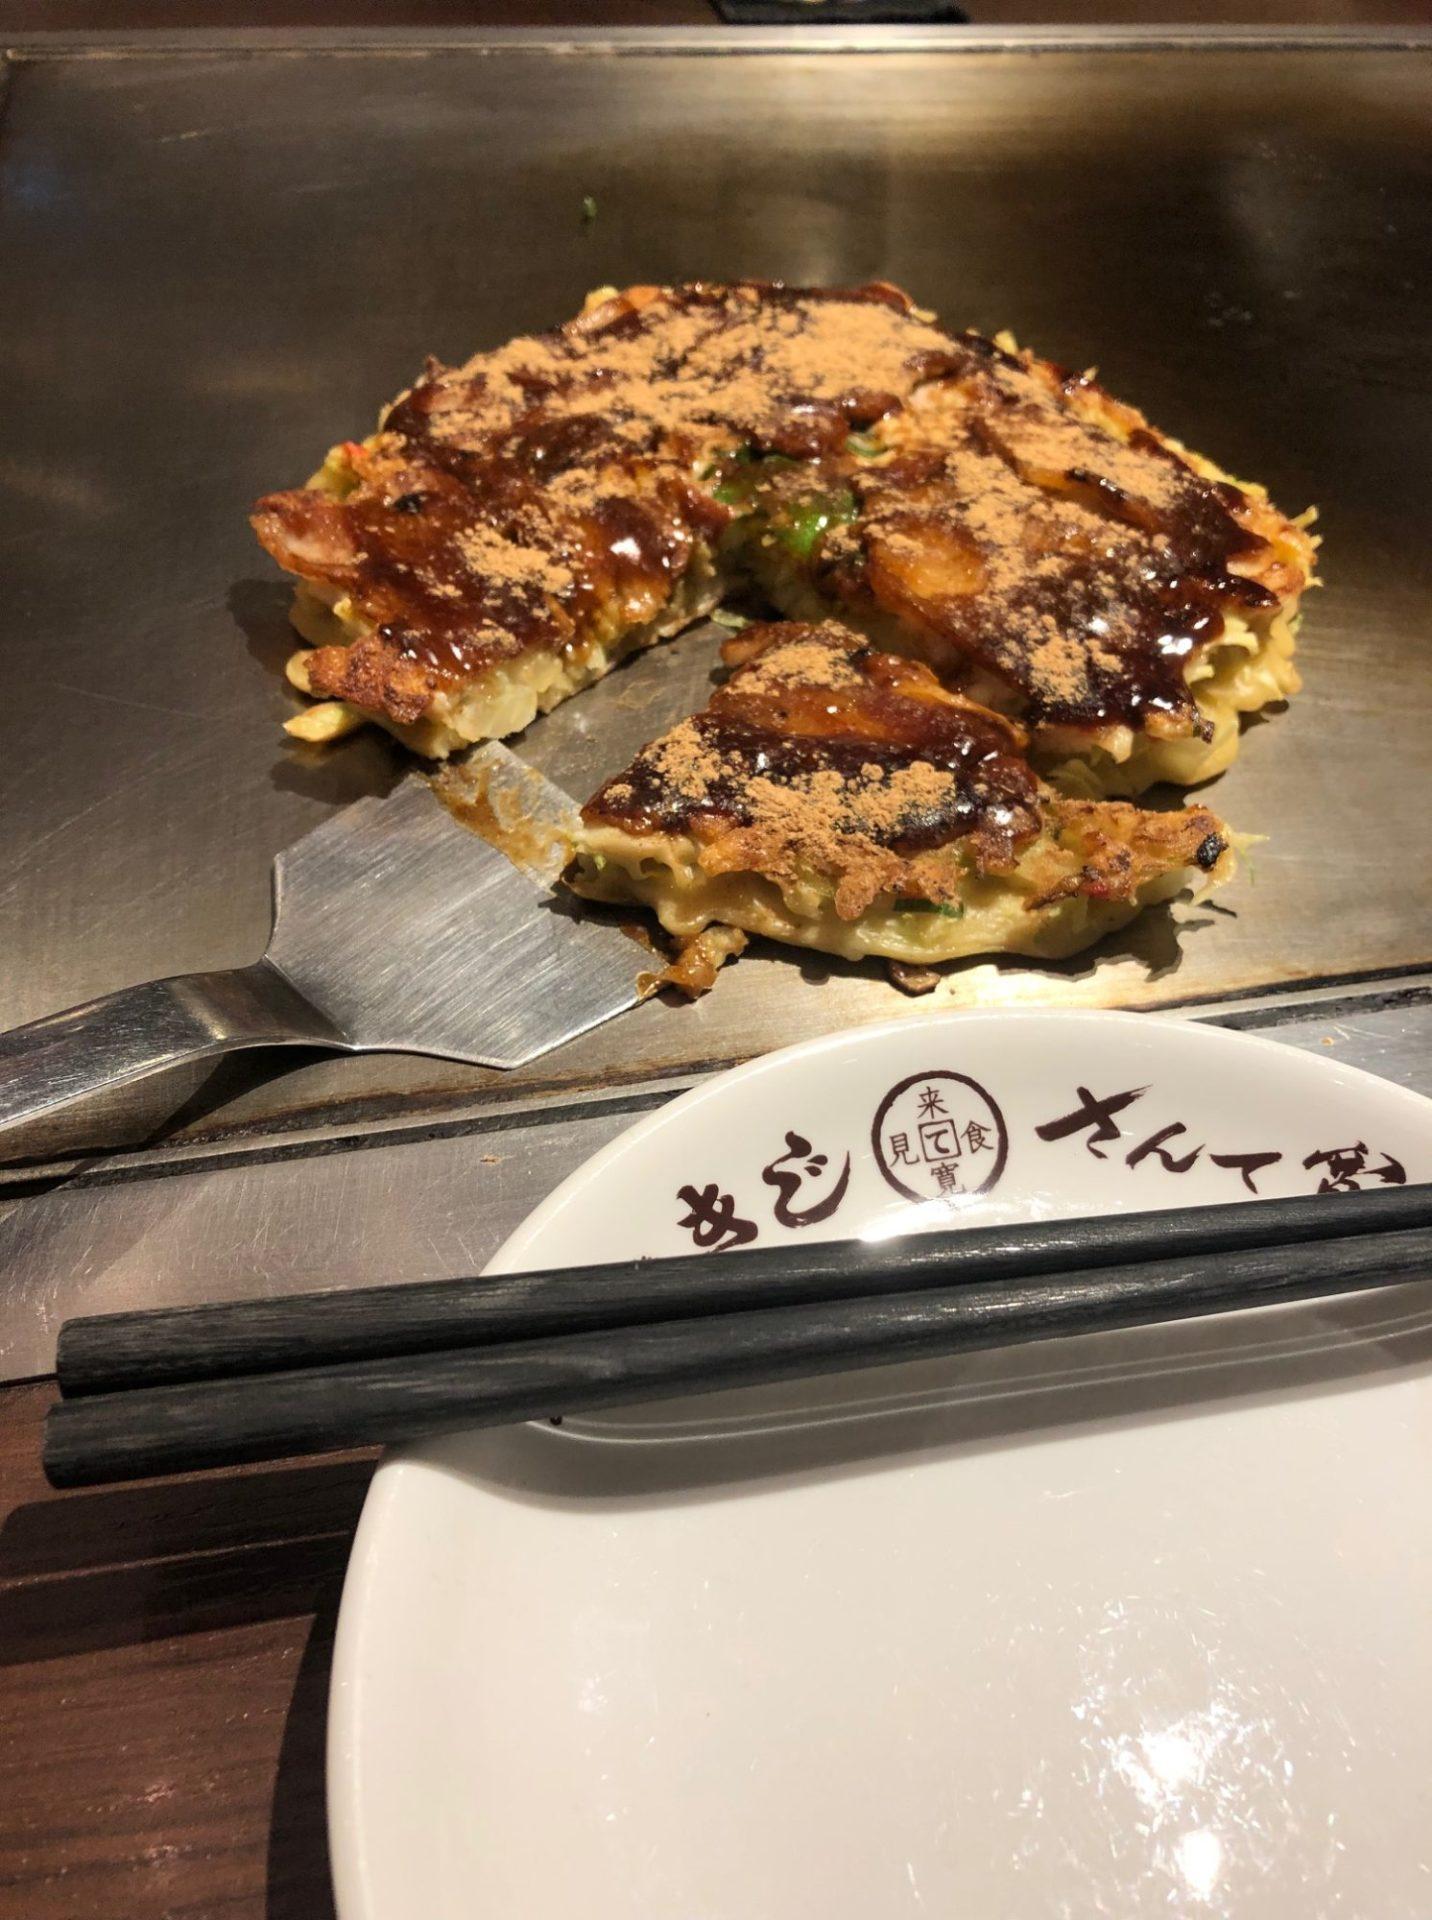 戸田亘のお好み焼 さんて寛の豚玉